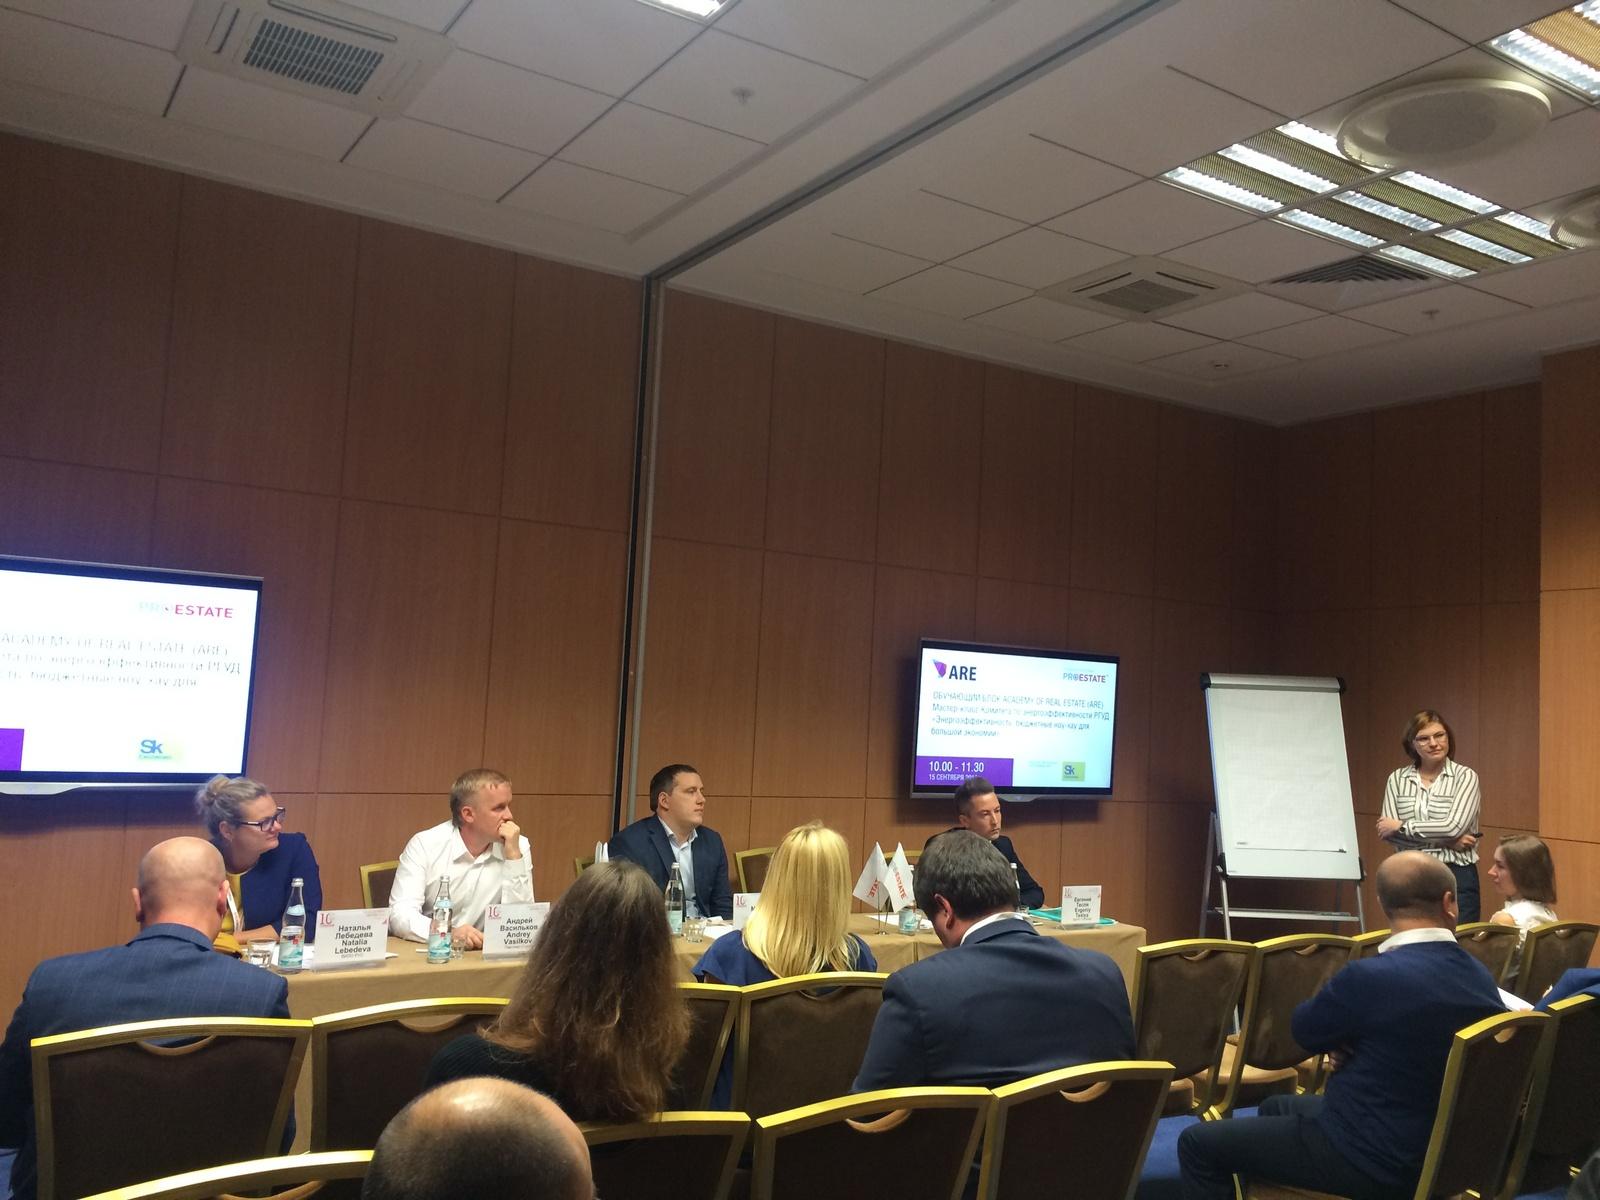 15 сентября Москве состоялся Х Международный инвестиционный форум по недвижимости PROESTATE.